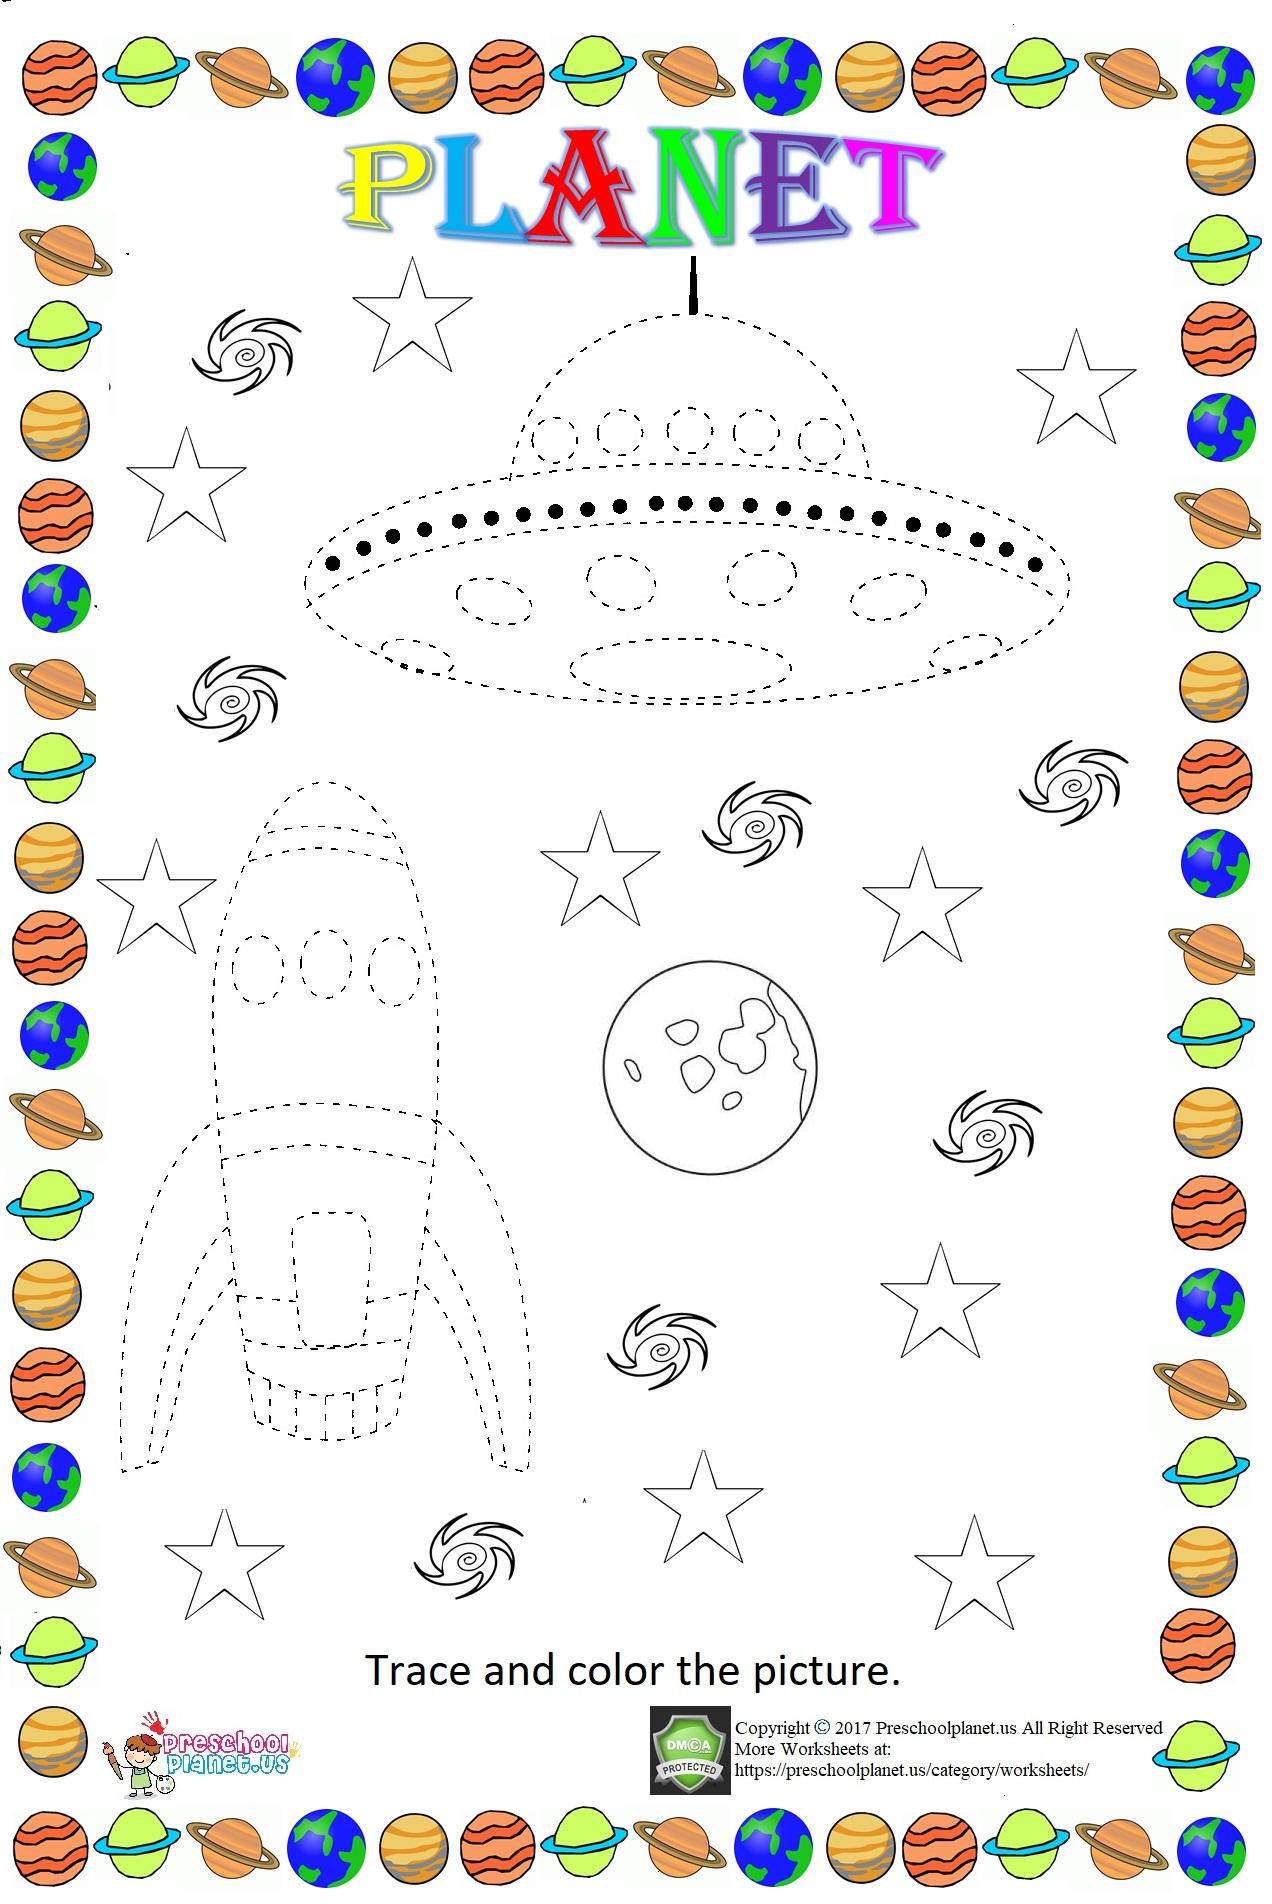 Ladybug Symmetry Worksheet Preschoolplanet